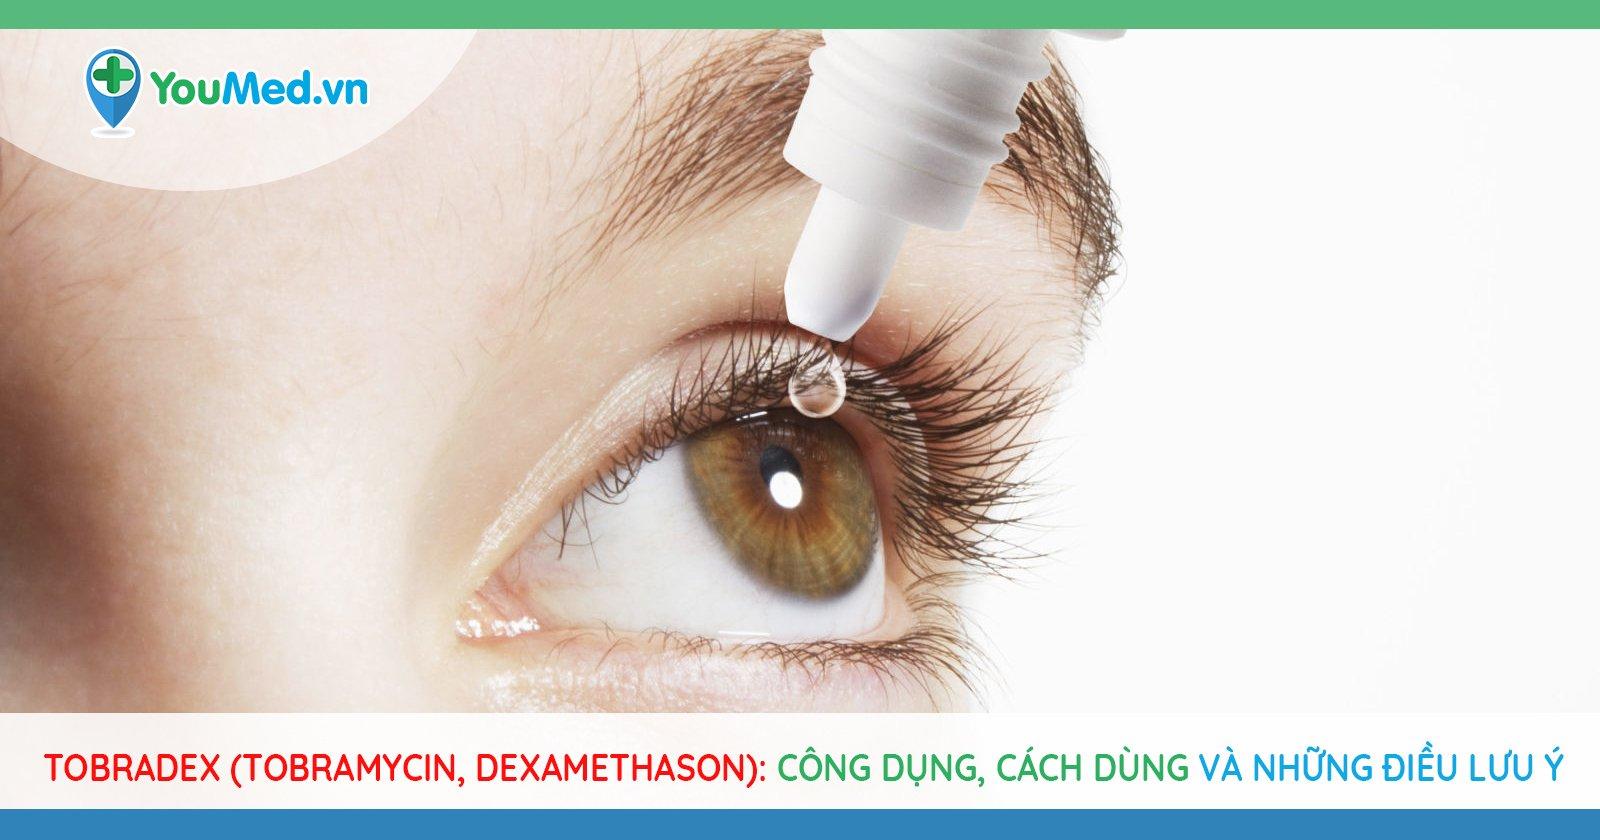 Tobradex (Tobramycin, dexamethason): Công dụng, cách dùng và những điều lưu ý